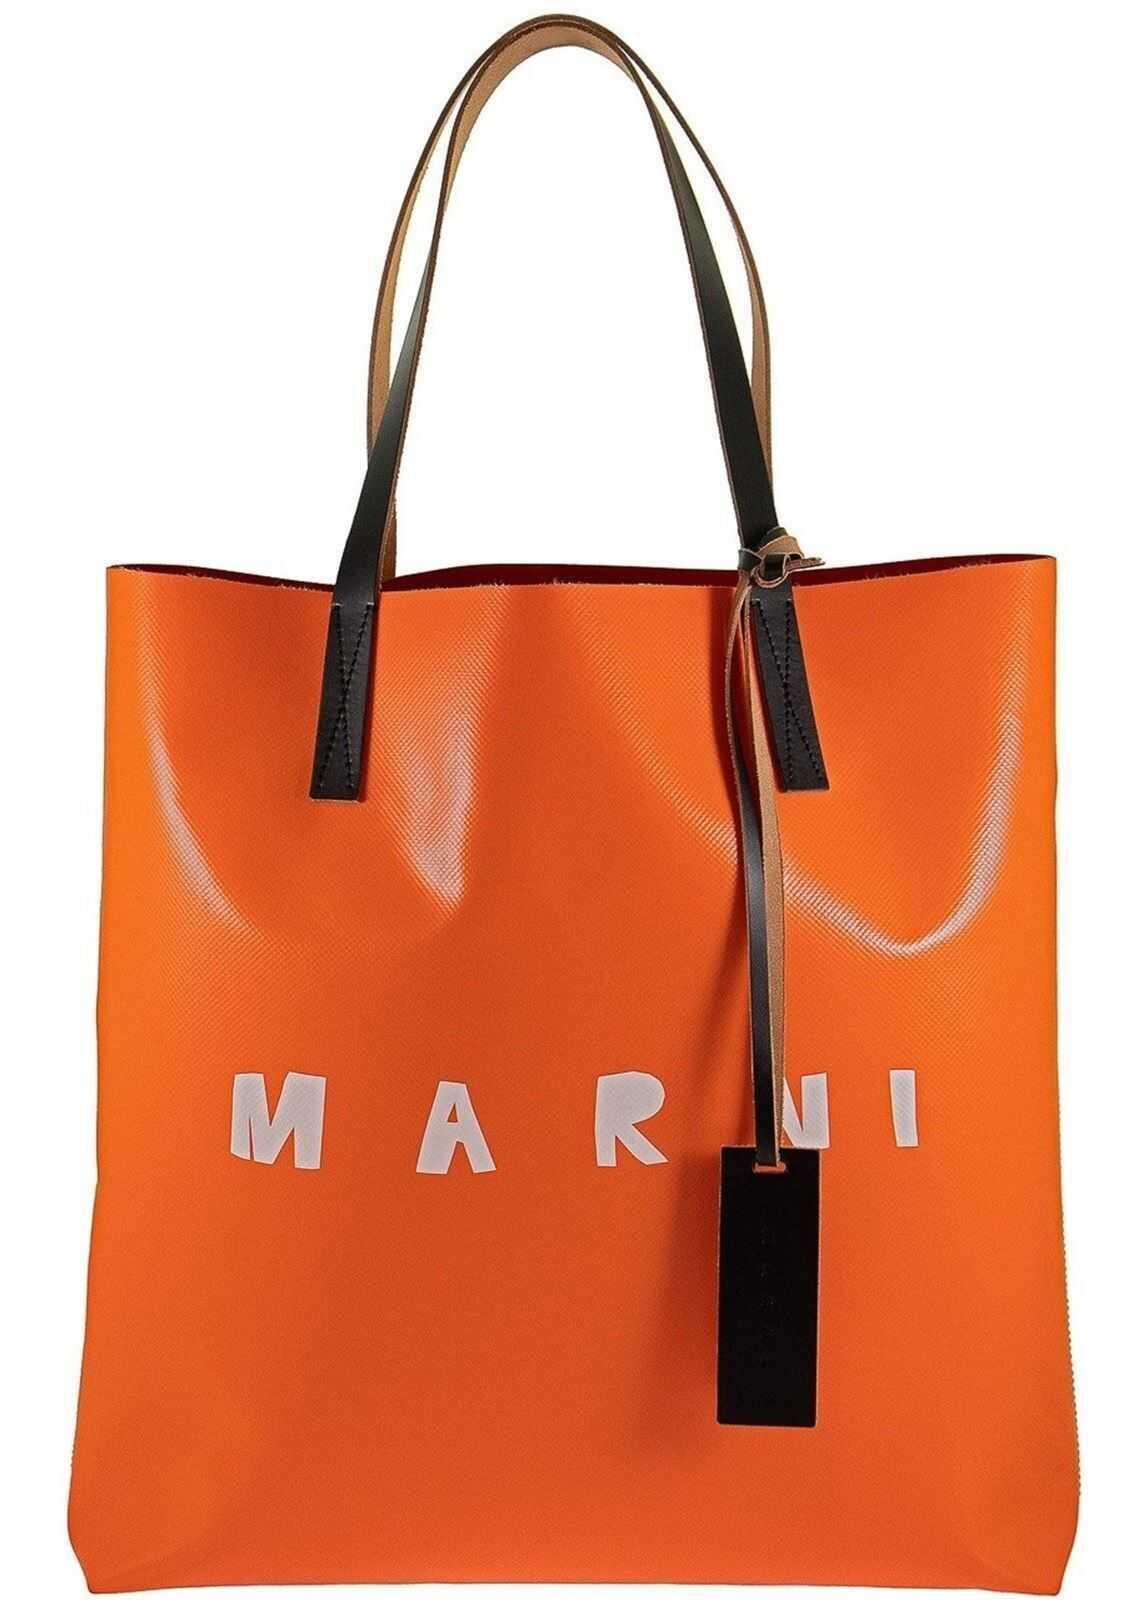 Marni Logo Print Pvc Tote In Orange And Red SHMPQ10A06P3660Z2N32 Orange imagine b-mall.ro